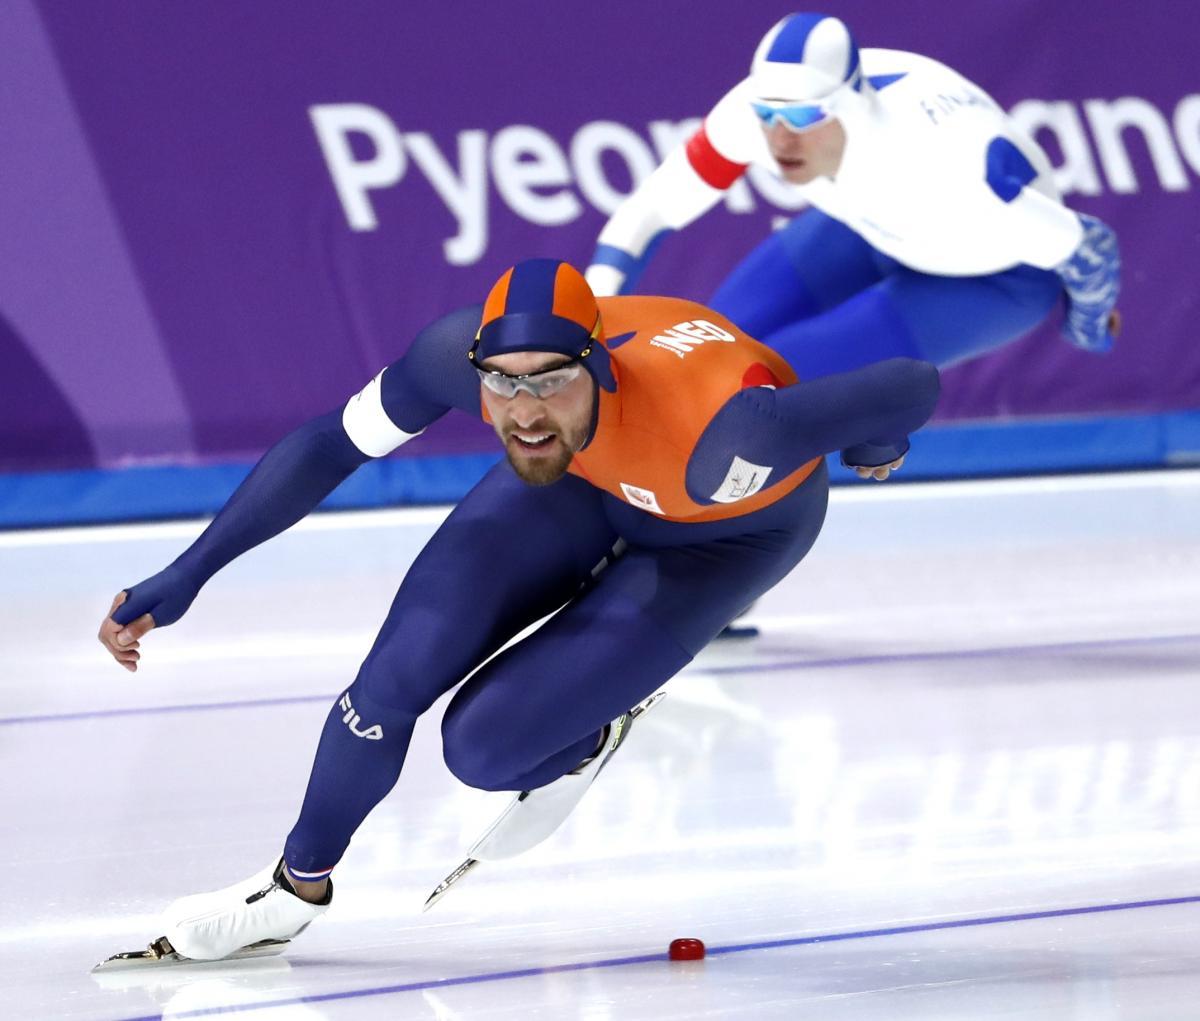 Кьелд Найс принес Голландии очередное золото / Reuters